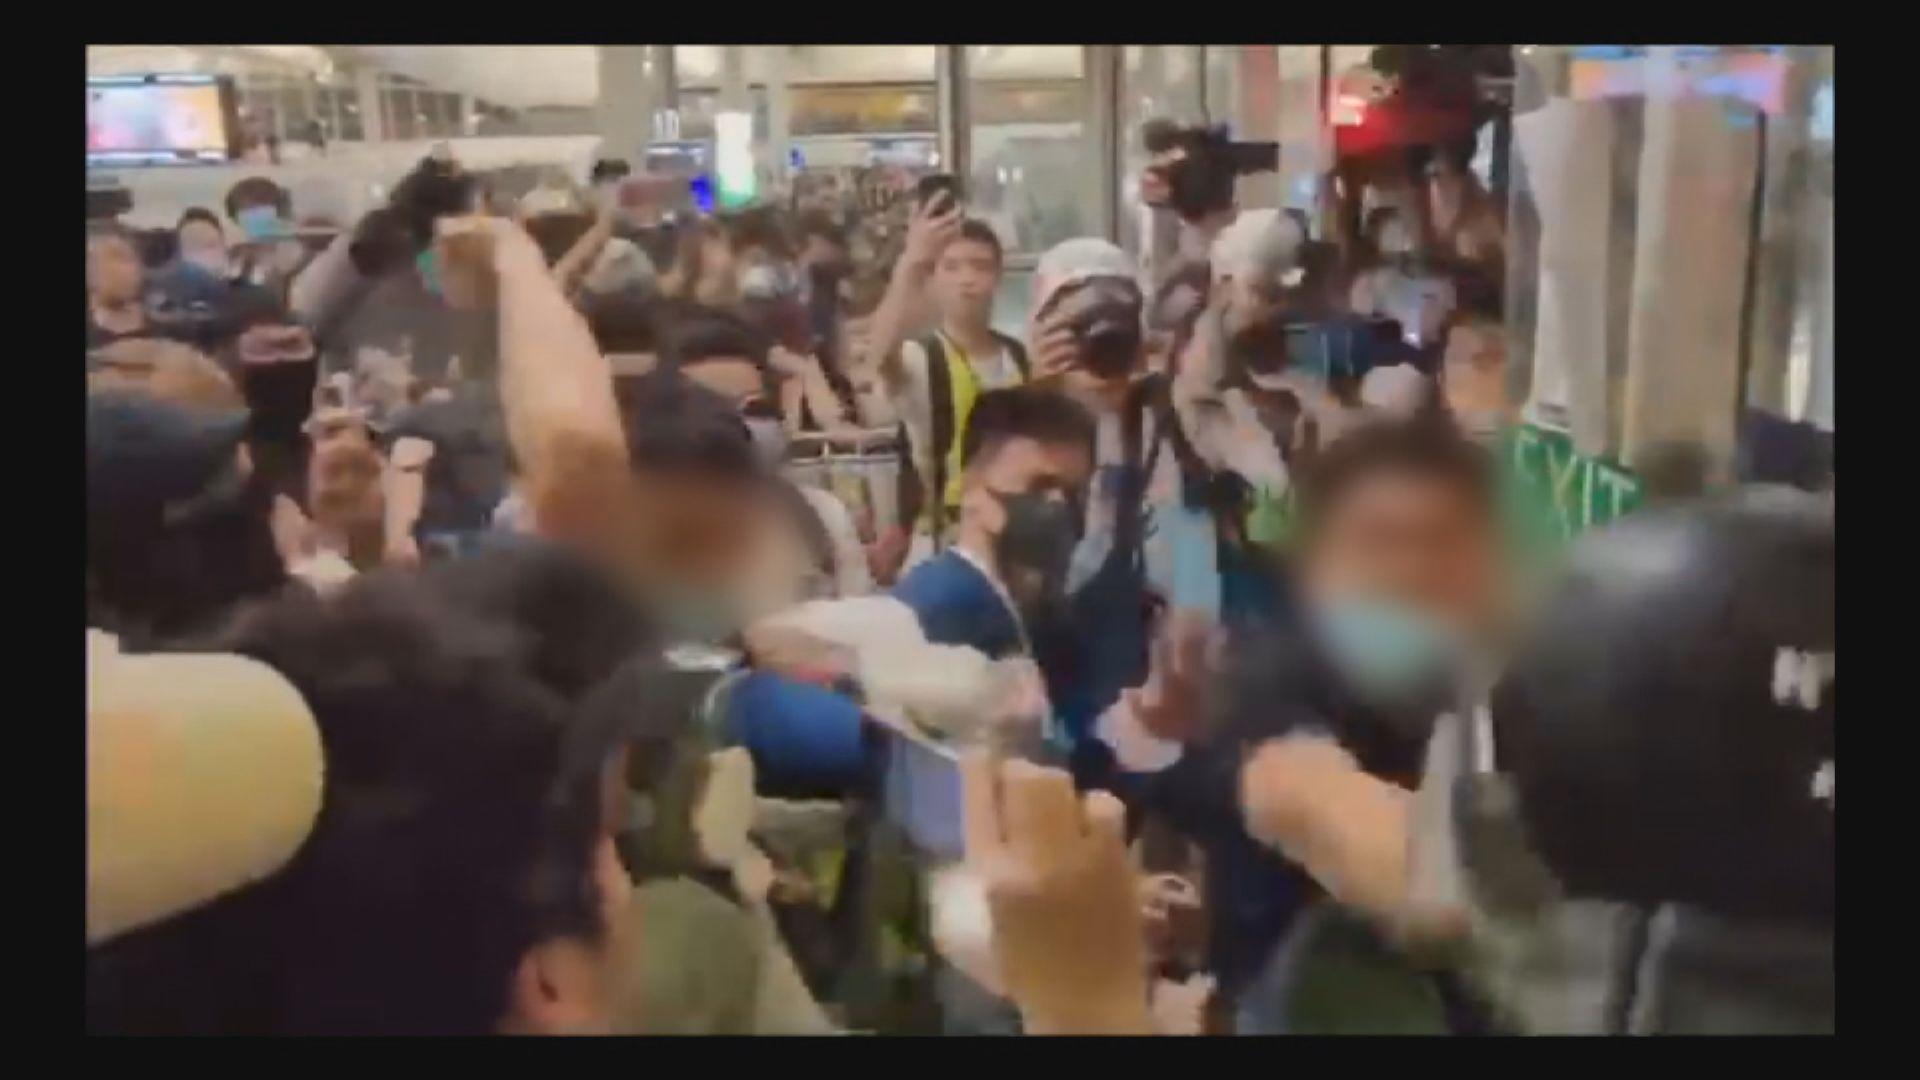 前年機場示威四人非法集結暴動罪成囚13及45個月